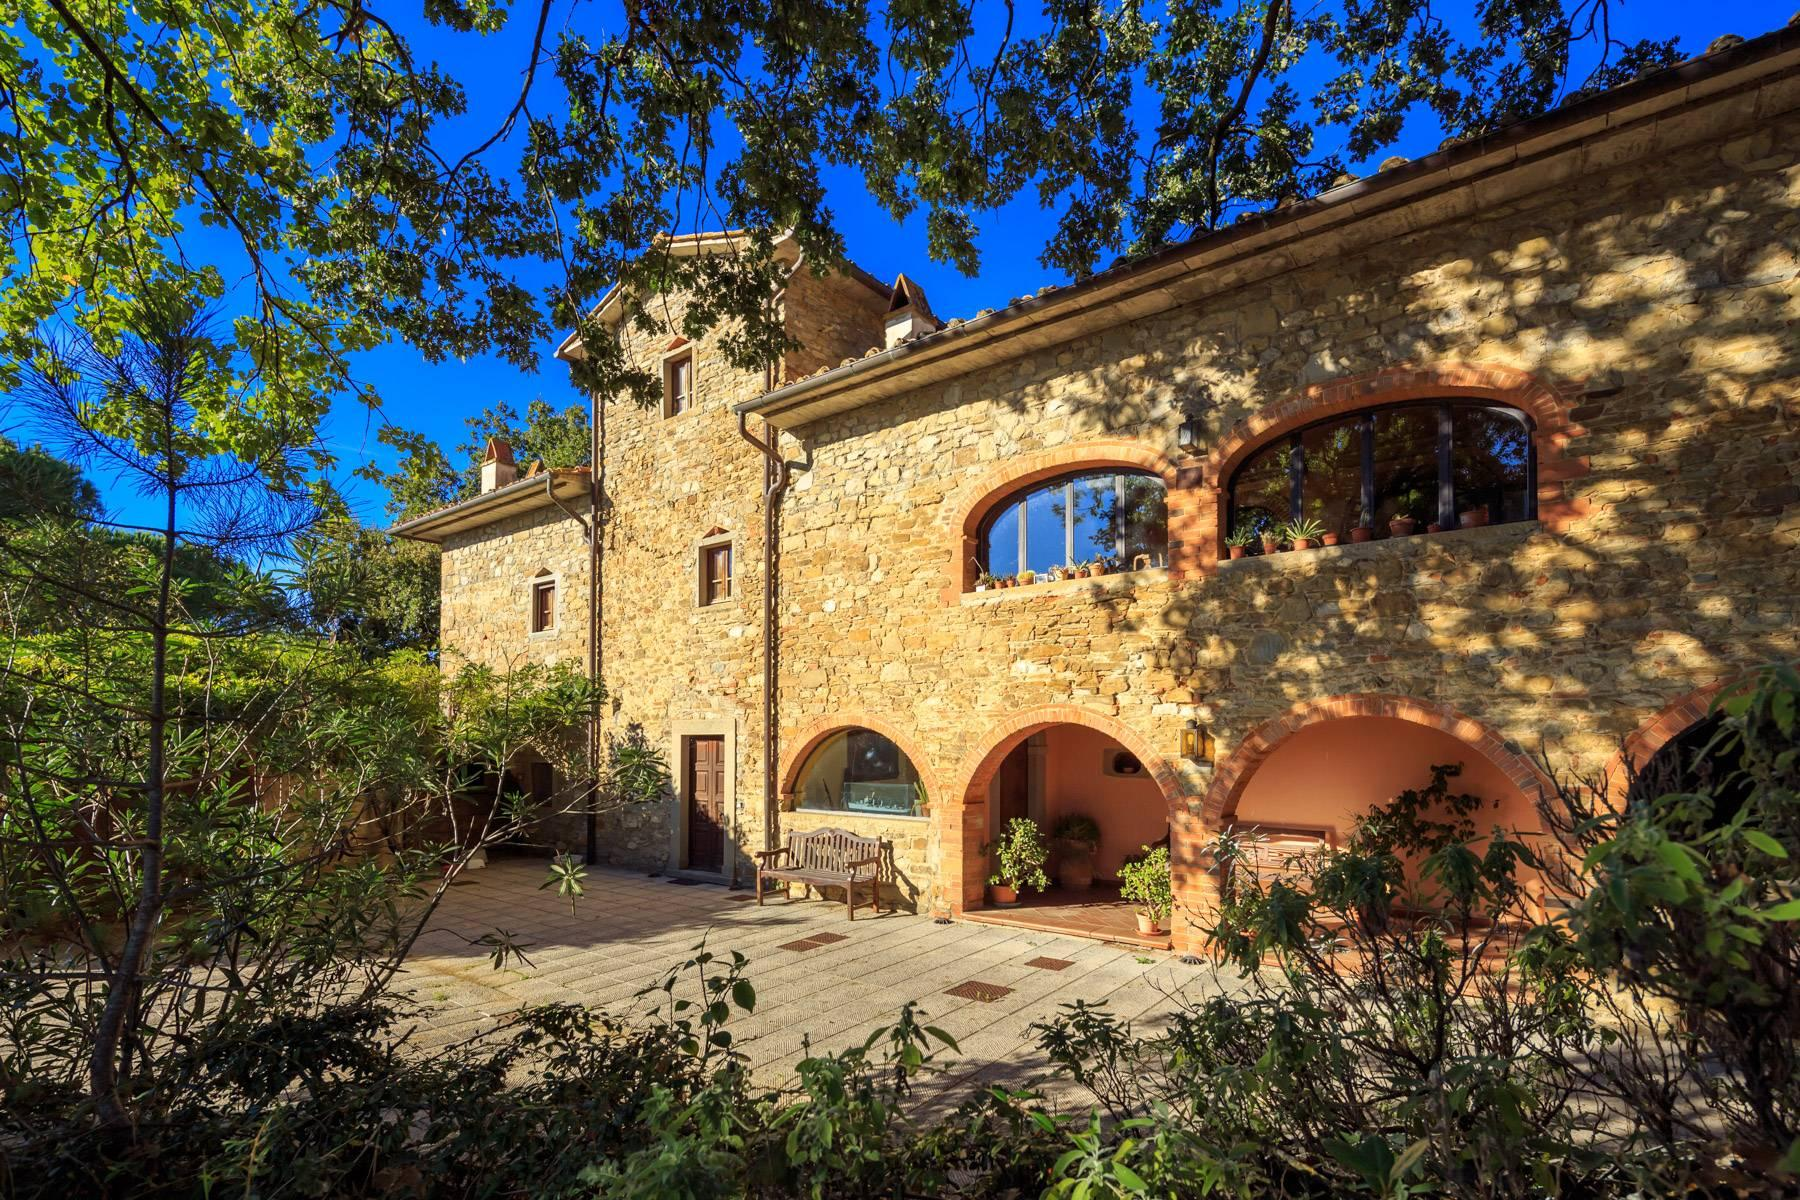 Villa historique dans la campagne toscane - 6